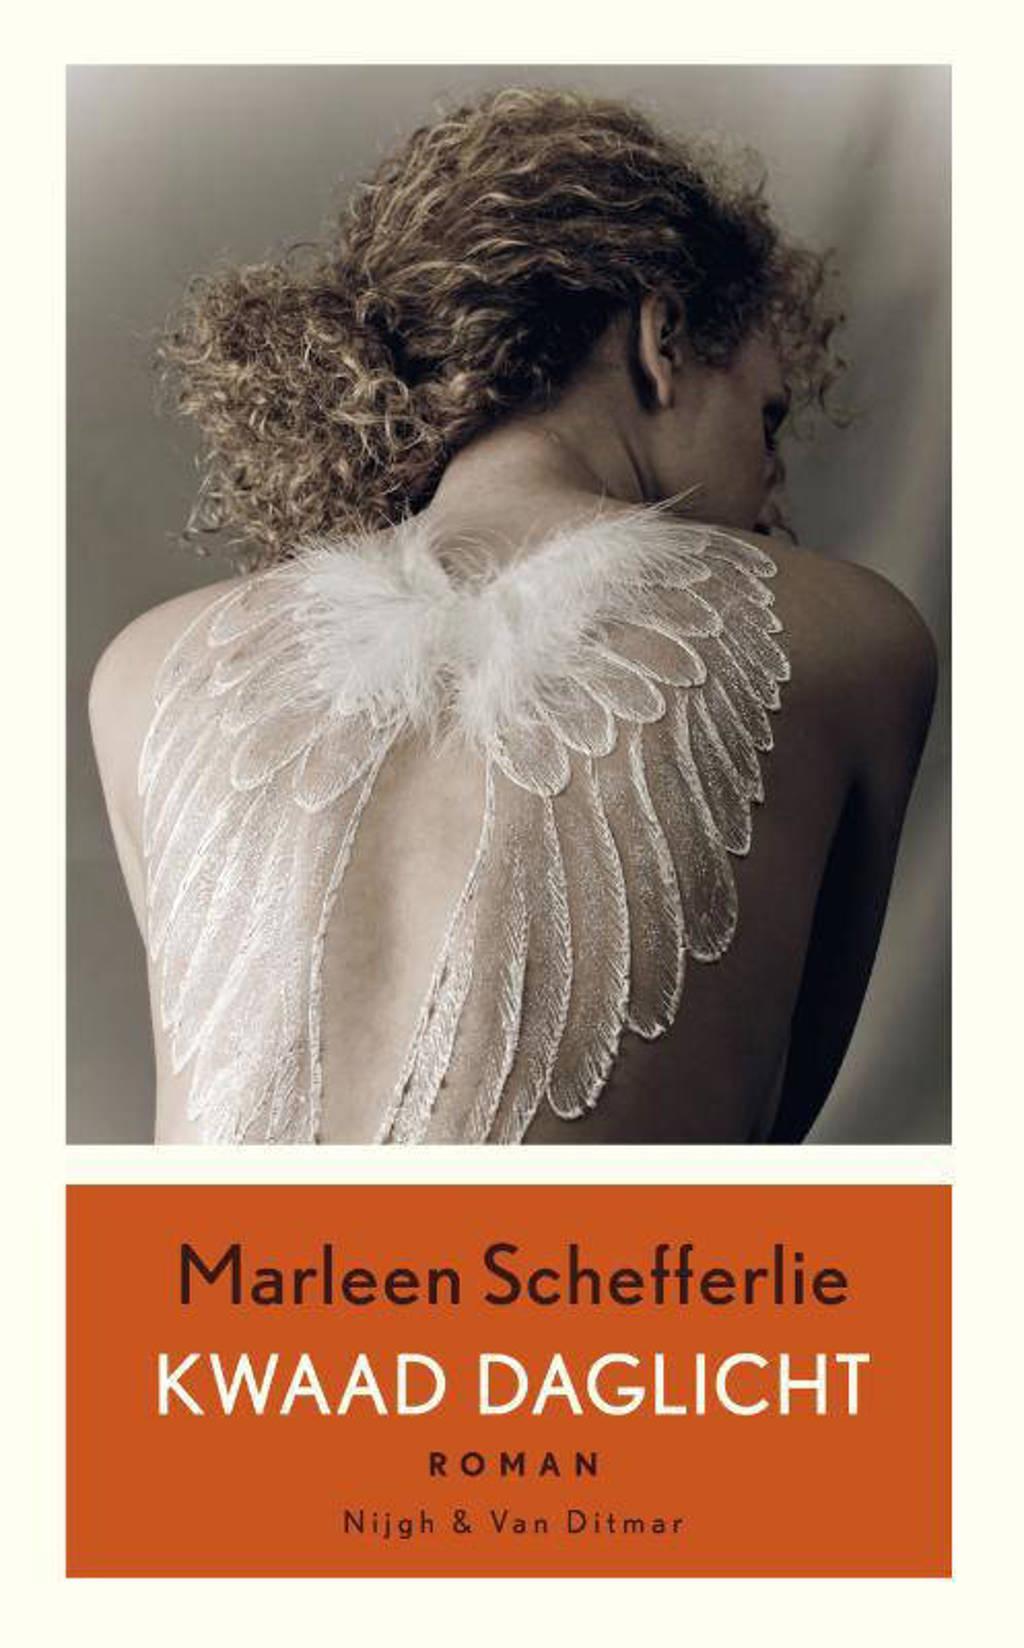 Kwaad daglicht - Marleen Schefferlie